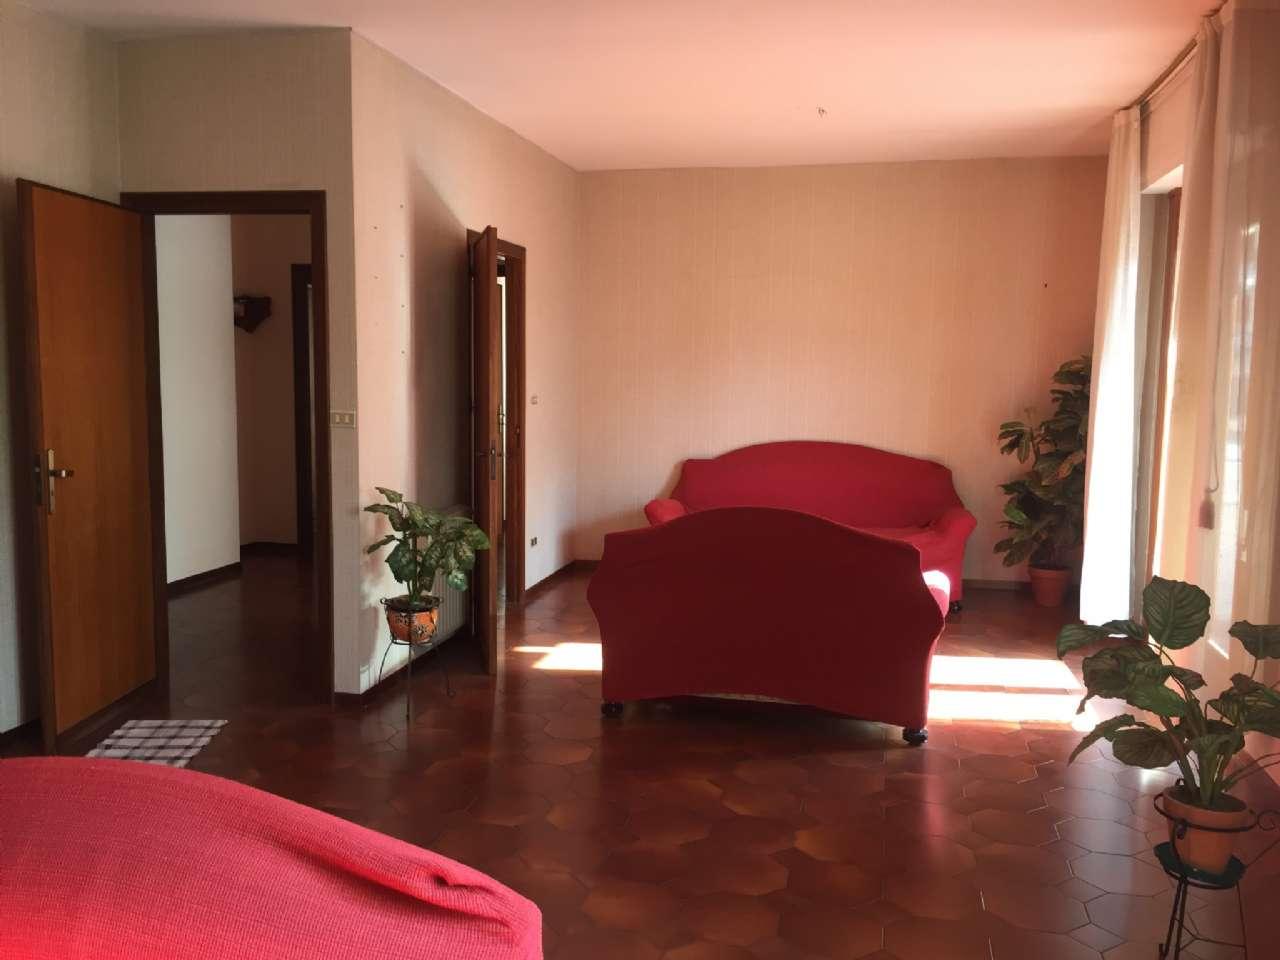 Quadrilocale, Via Ercole Bernabei, zona Malaspina, Palermo, foto 1